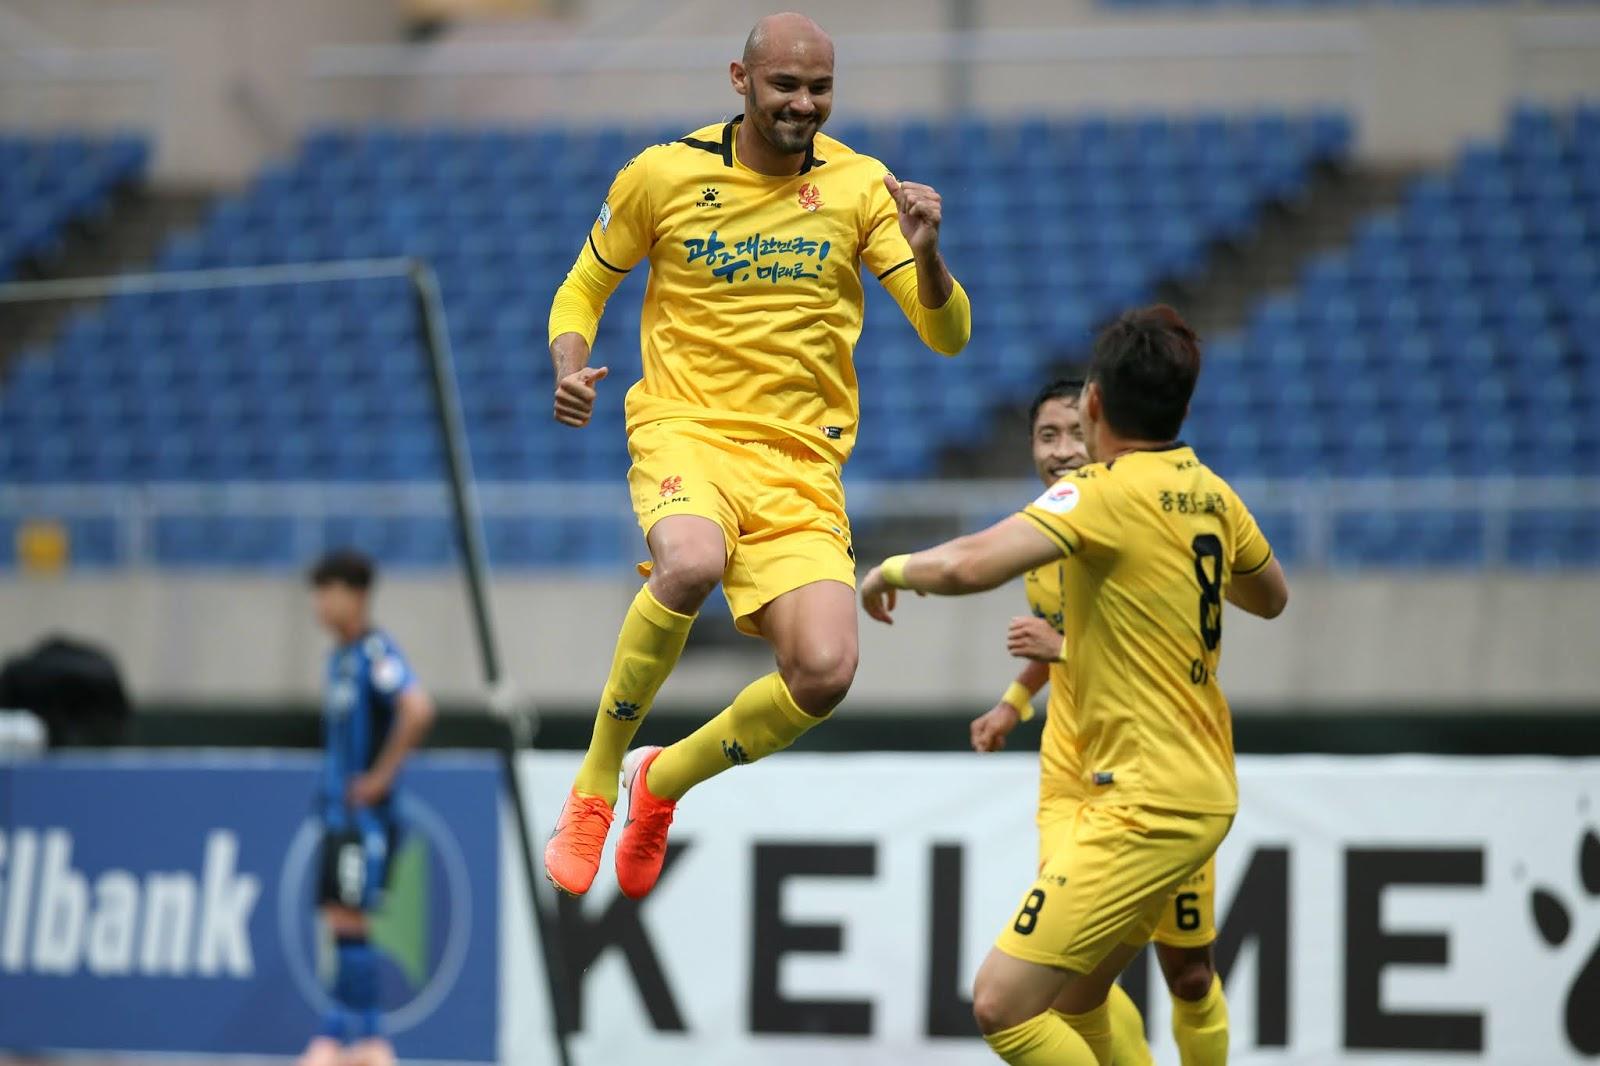 Gwangju overcome spirited Incheon in 2-1 win